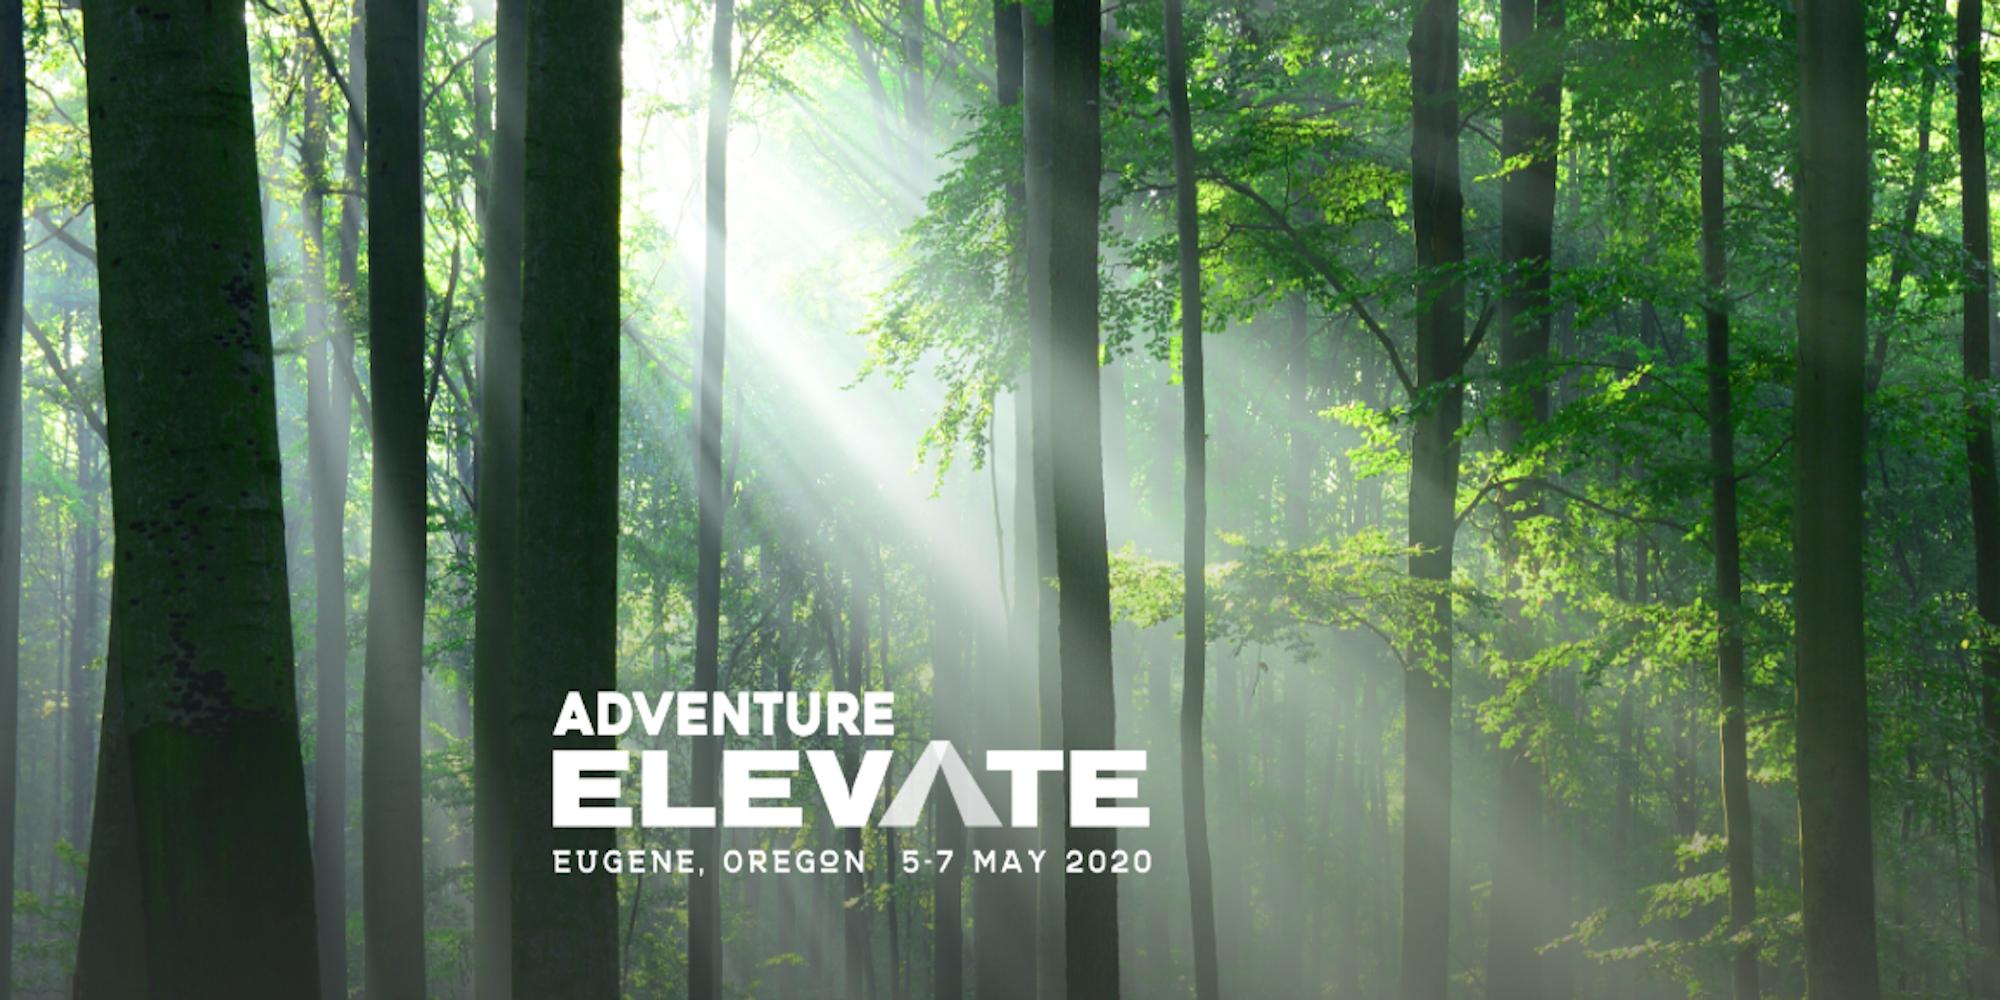 Adventure Elevate